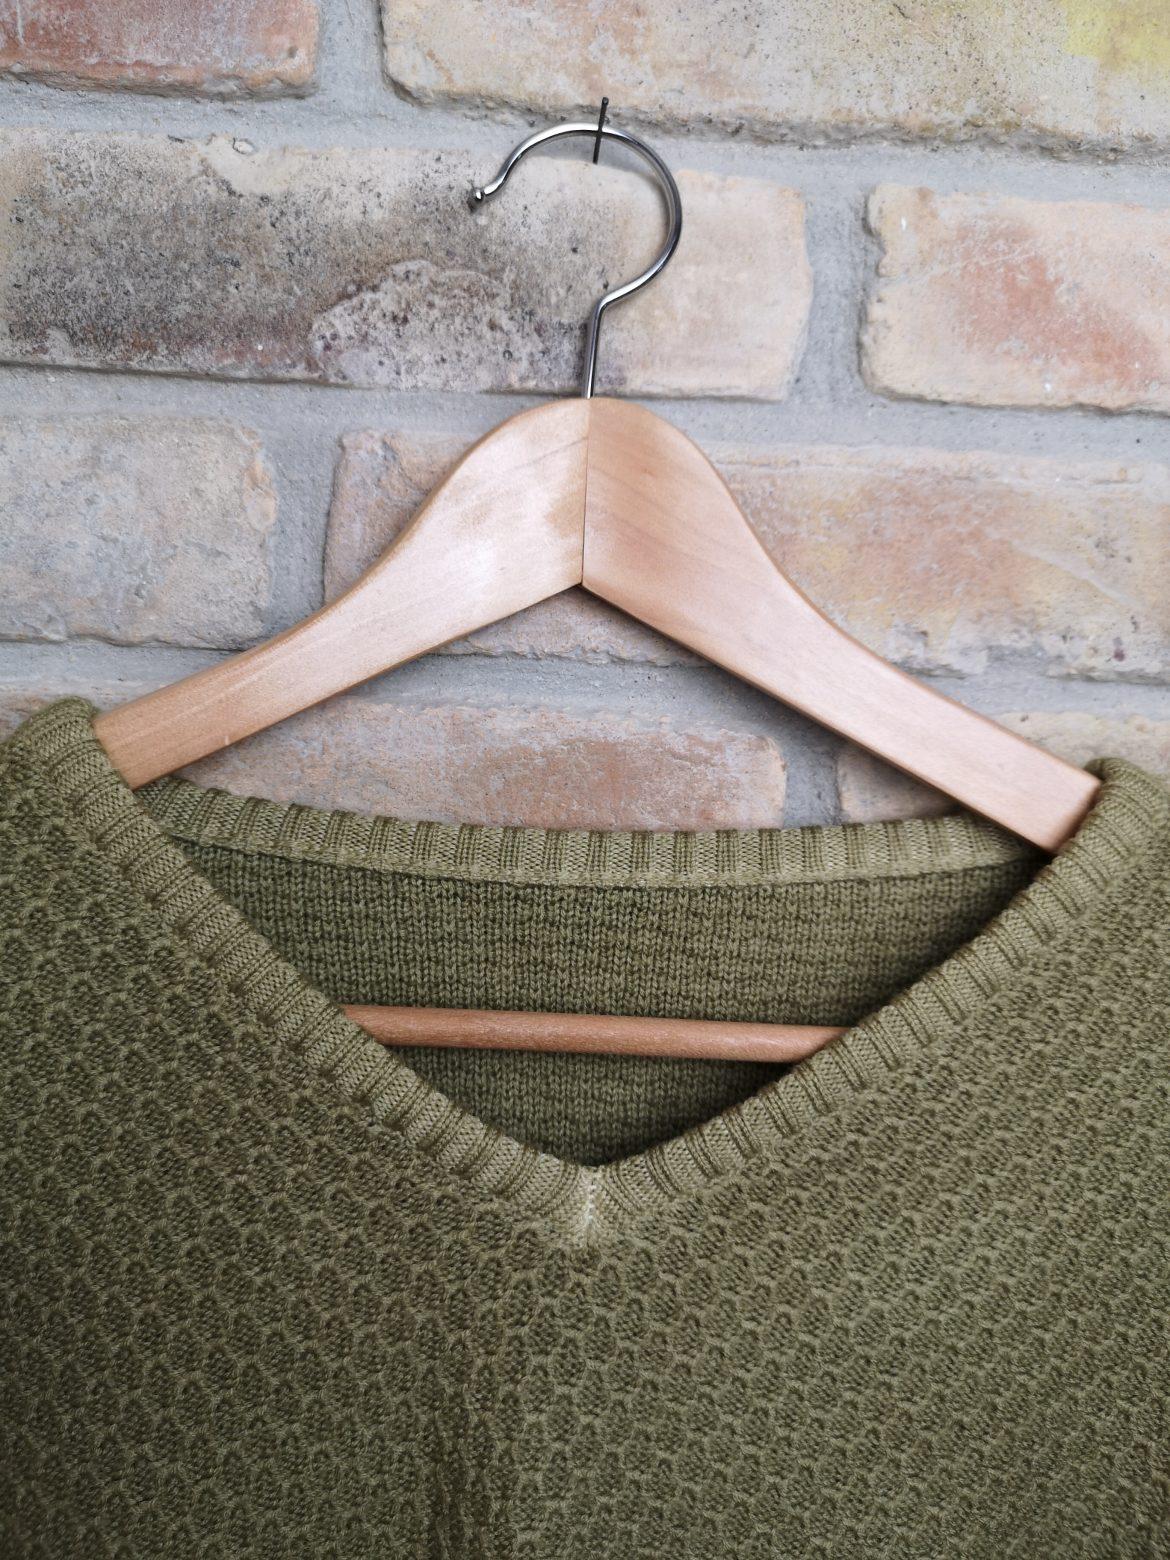 Regali di Natale 2020: idee regalo di Sogni di Cinzia, dettaglio maglione da uomo